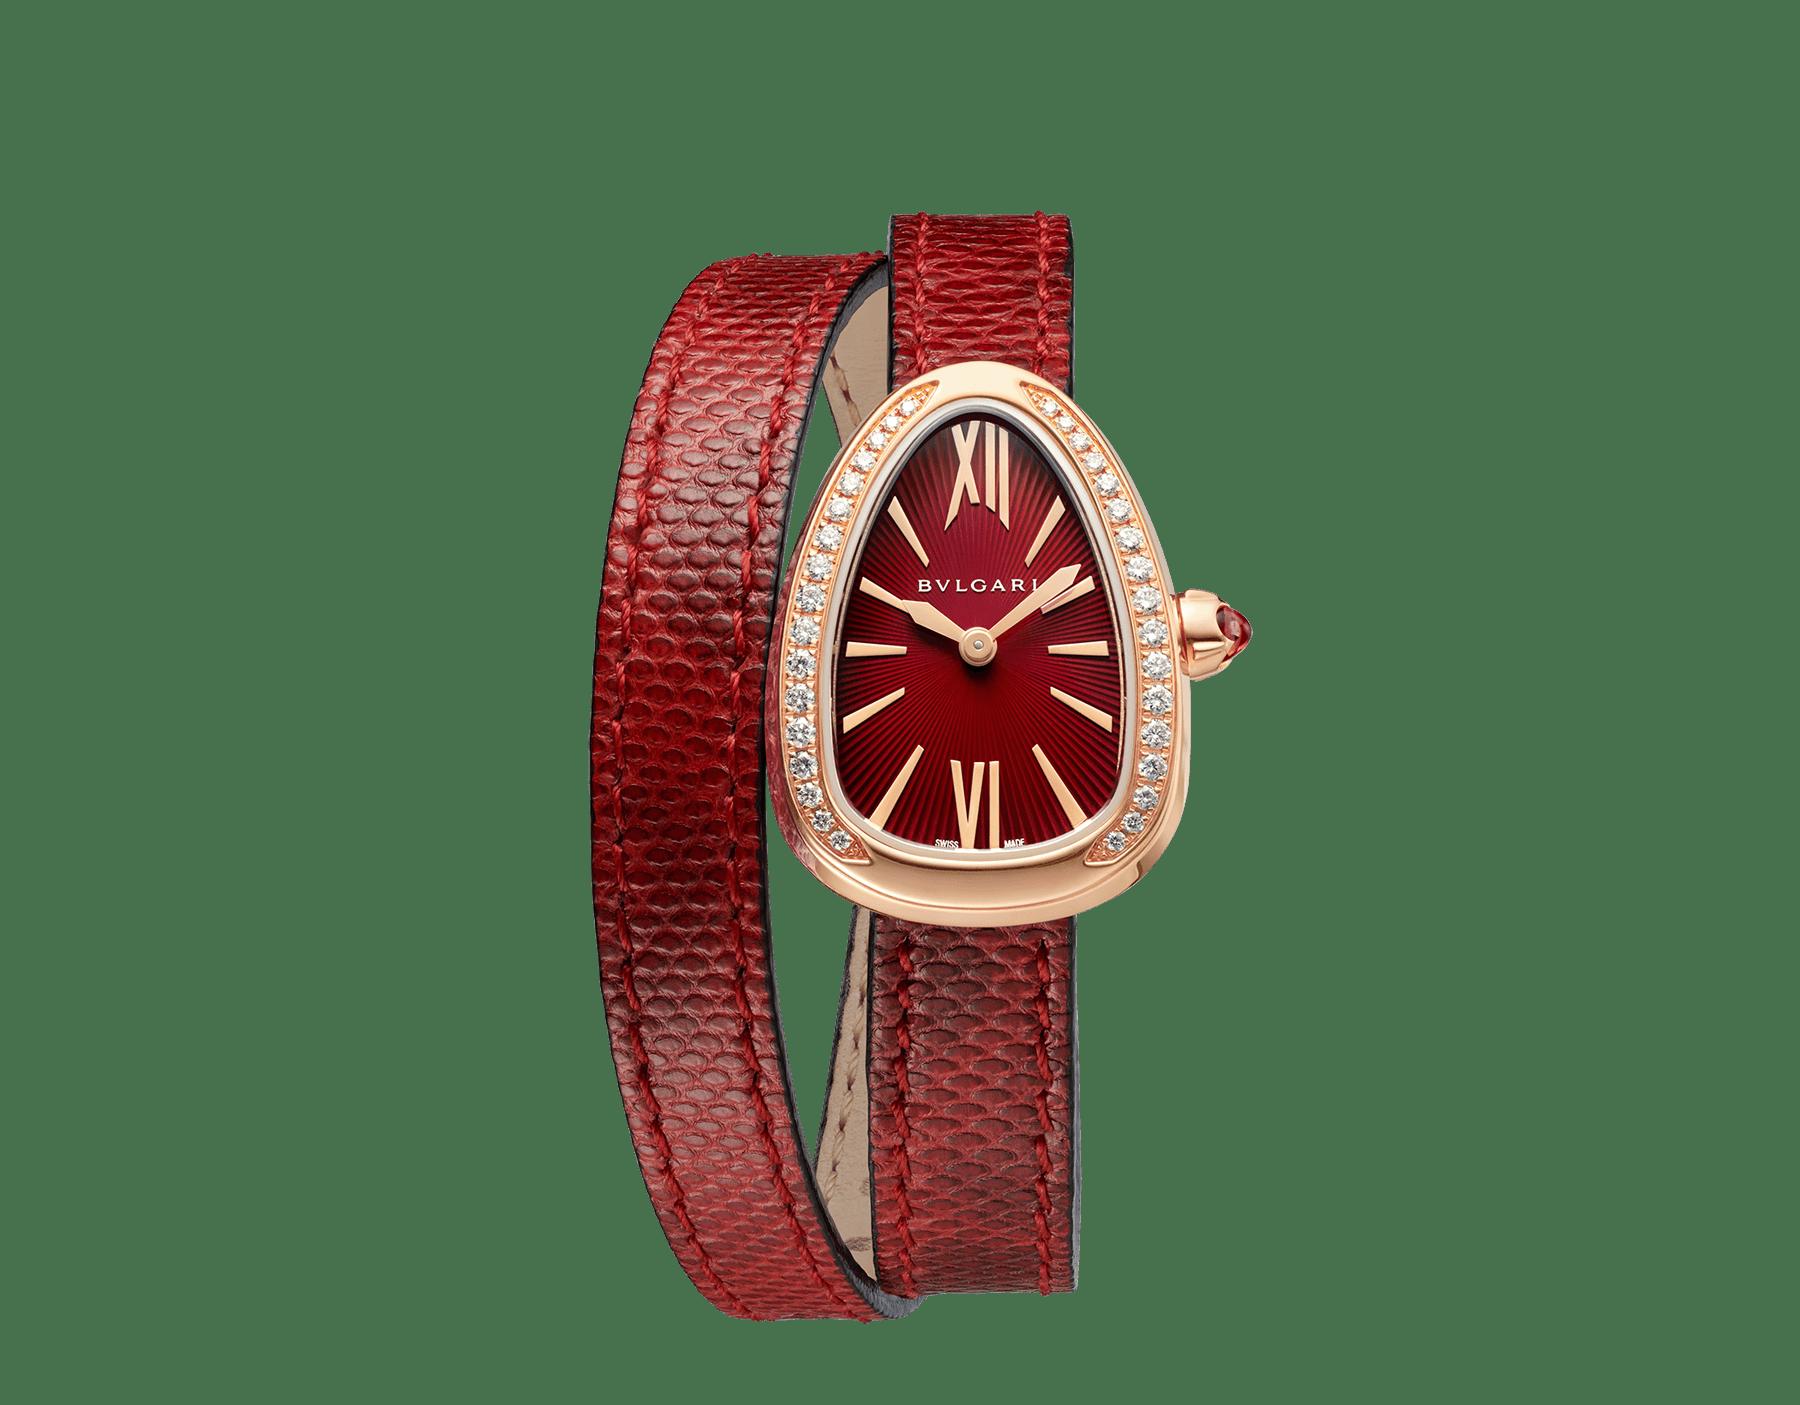 Montre Serpenti avec boîtier en or rose 18K serti de diamants taille brillant, cadran laqué rouge et bracelet double spirale interchangeable en cuir de karung rouge. 102730 image 1